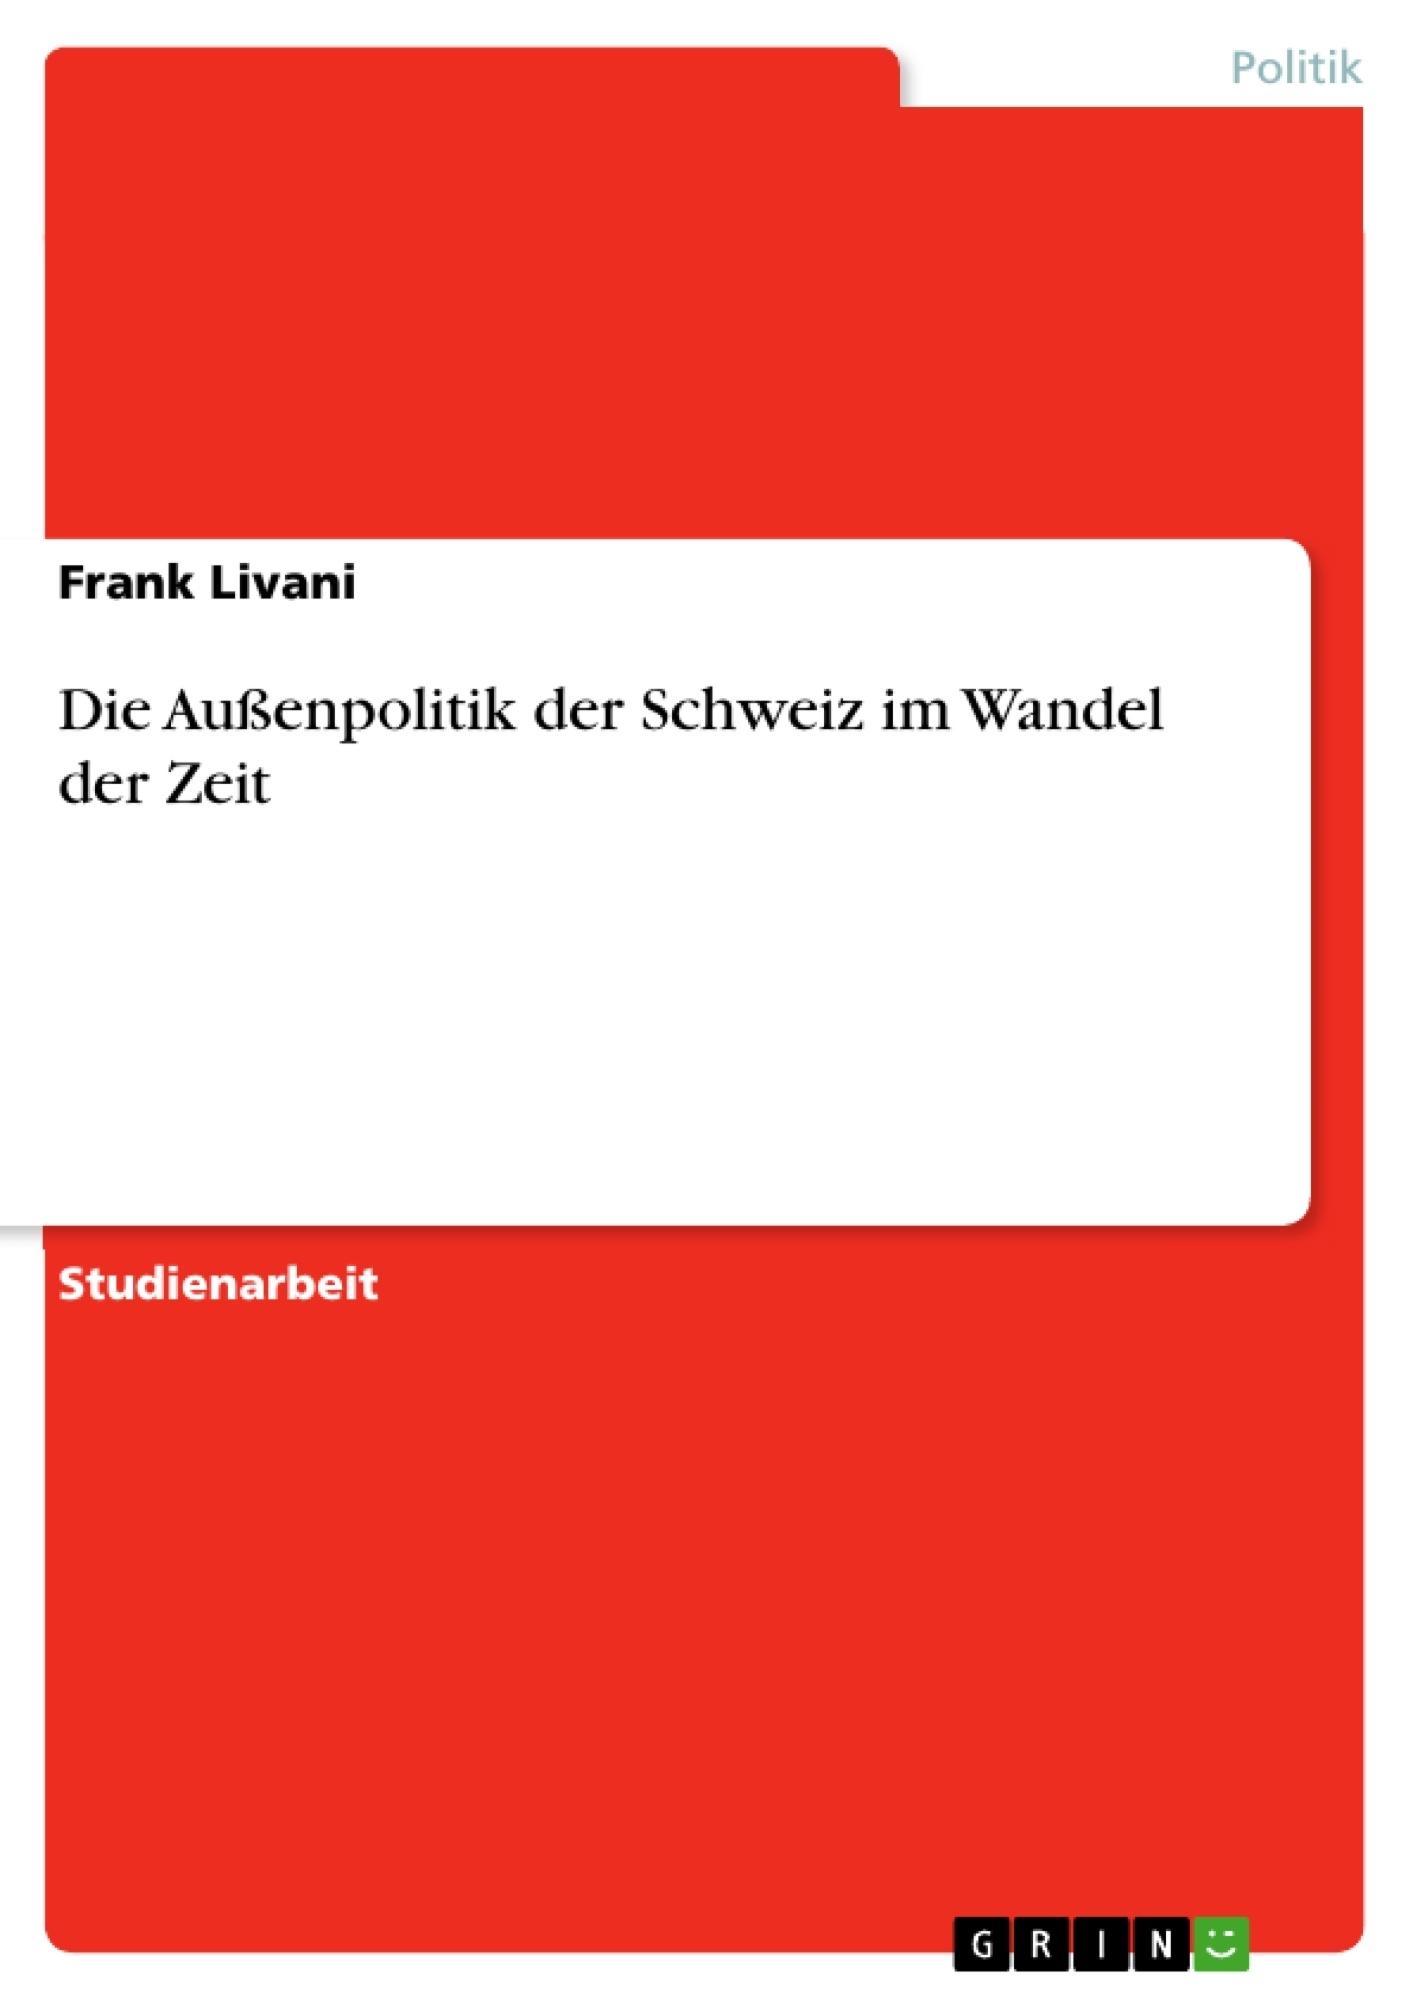 Titel: Die Außenpolitik der Schweiz im Wandel der Zeit